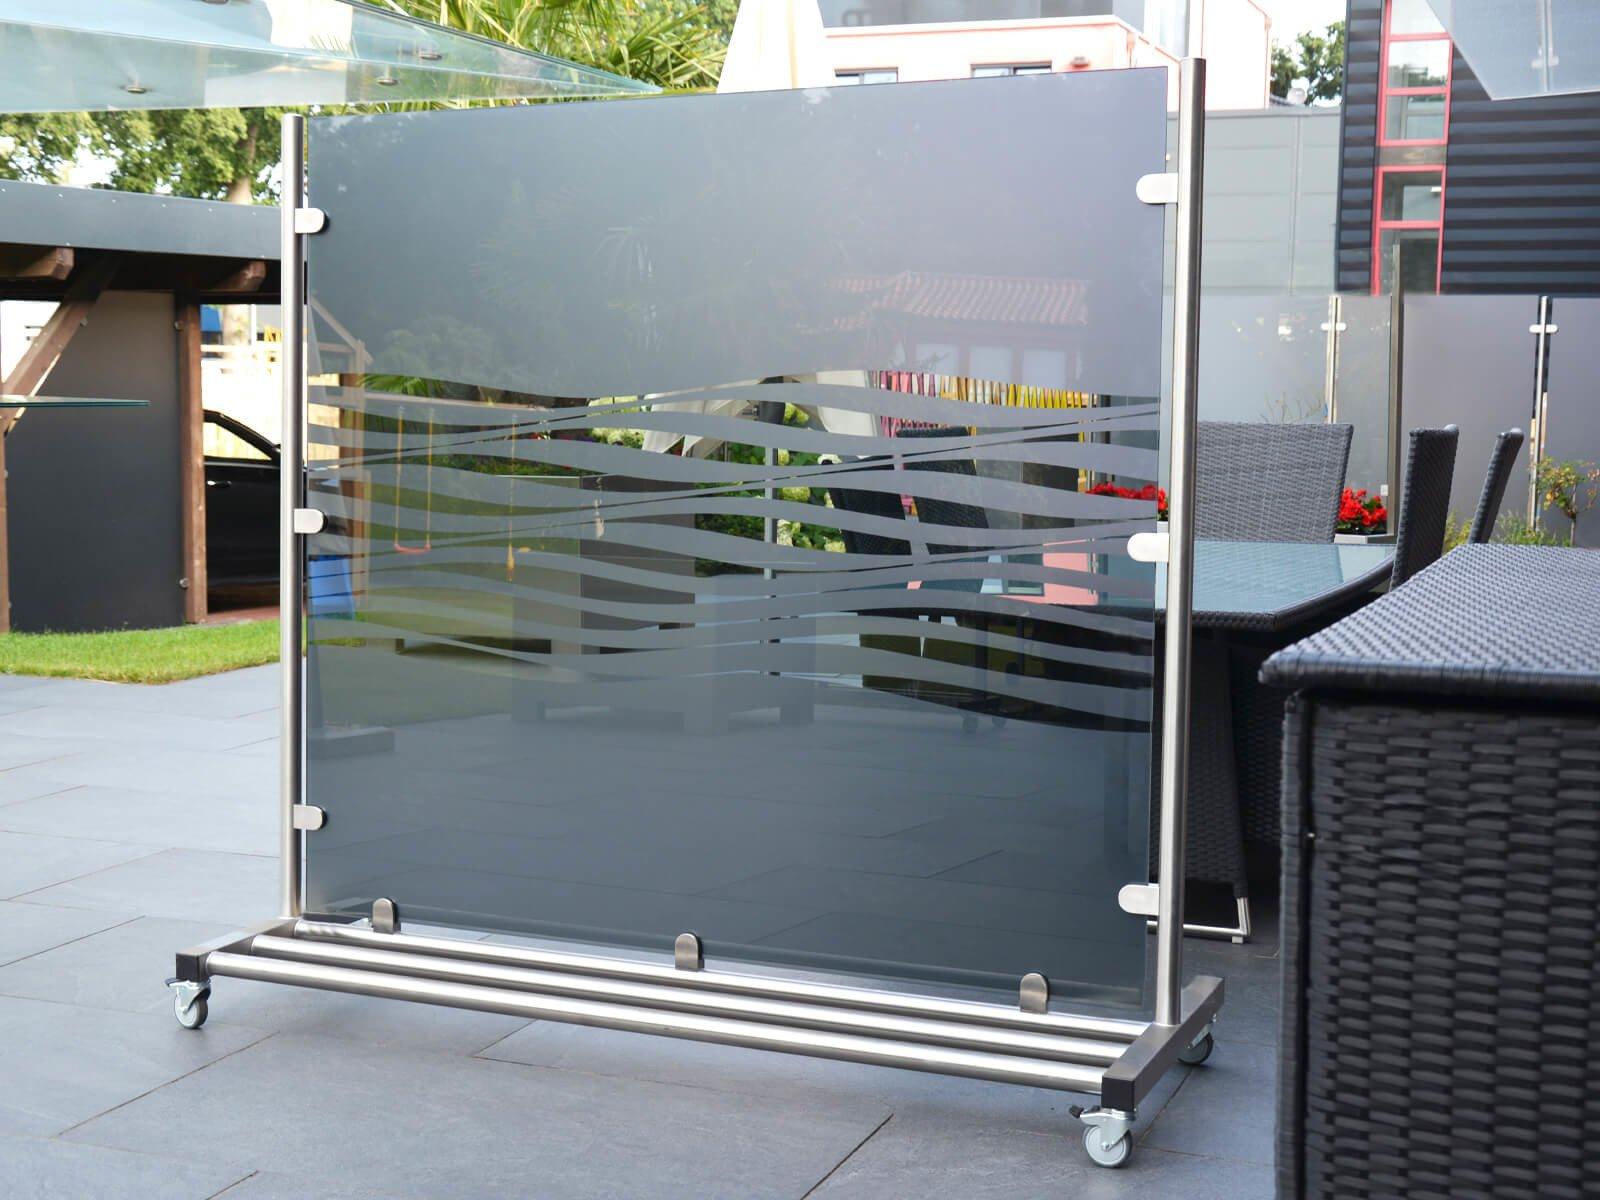 wind-und-sichtschutz-aus-glas-individuell-nach-mass-fertig-montierte-lieferung